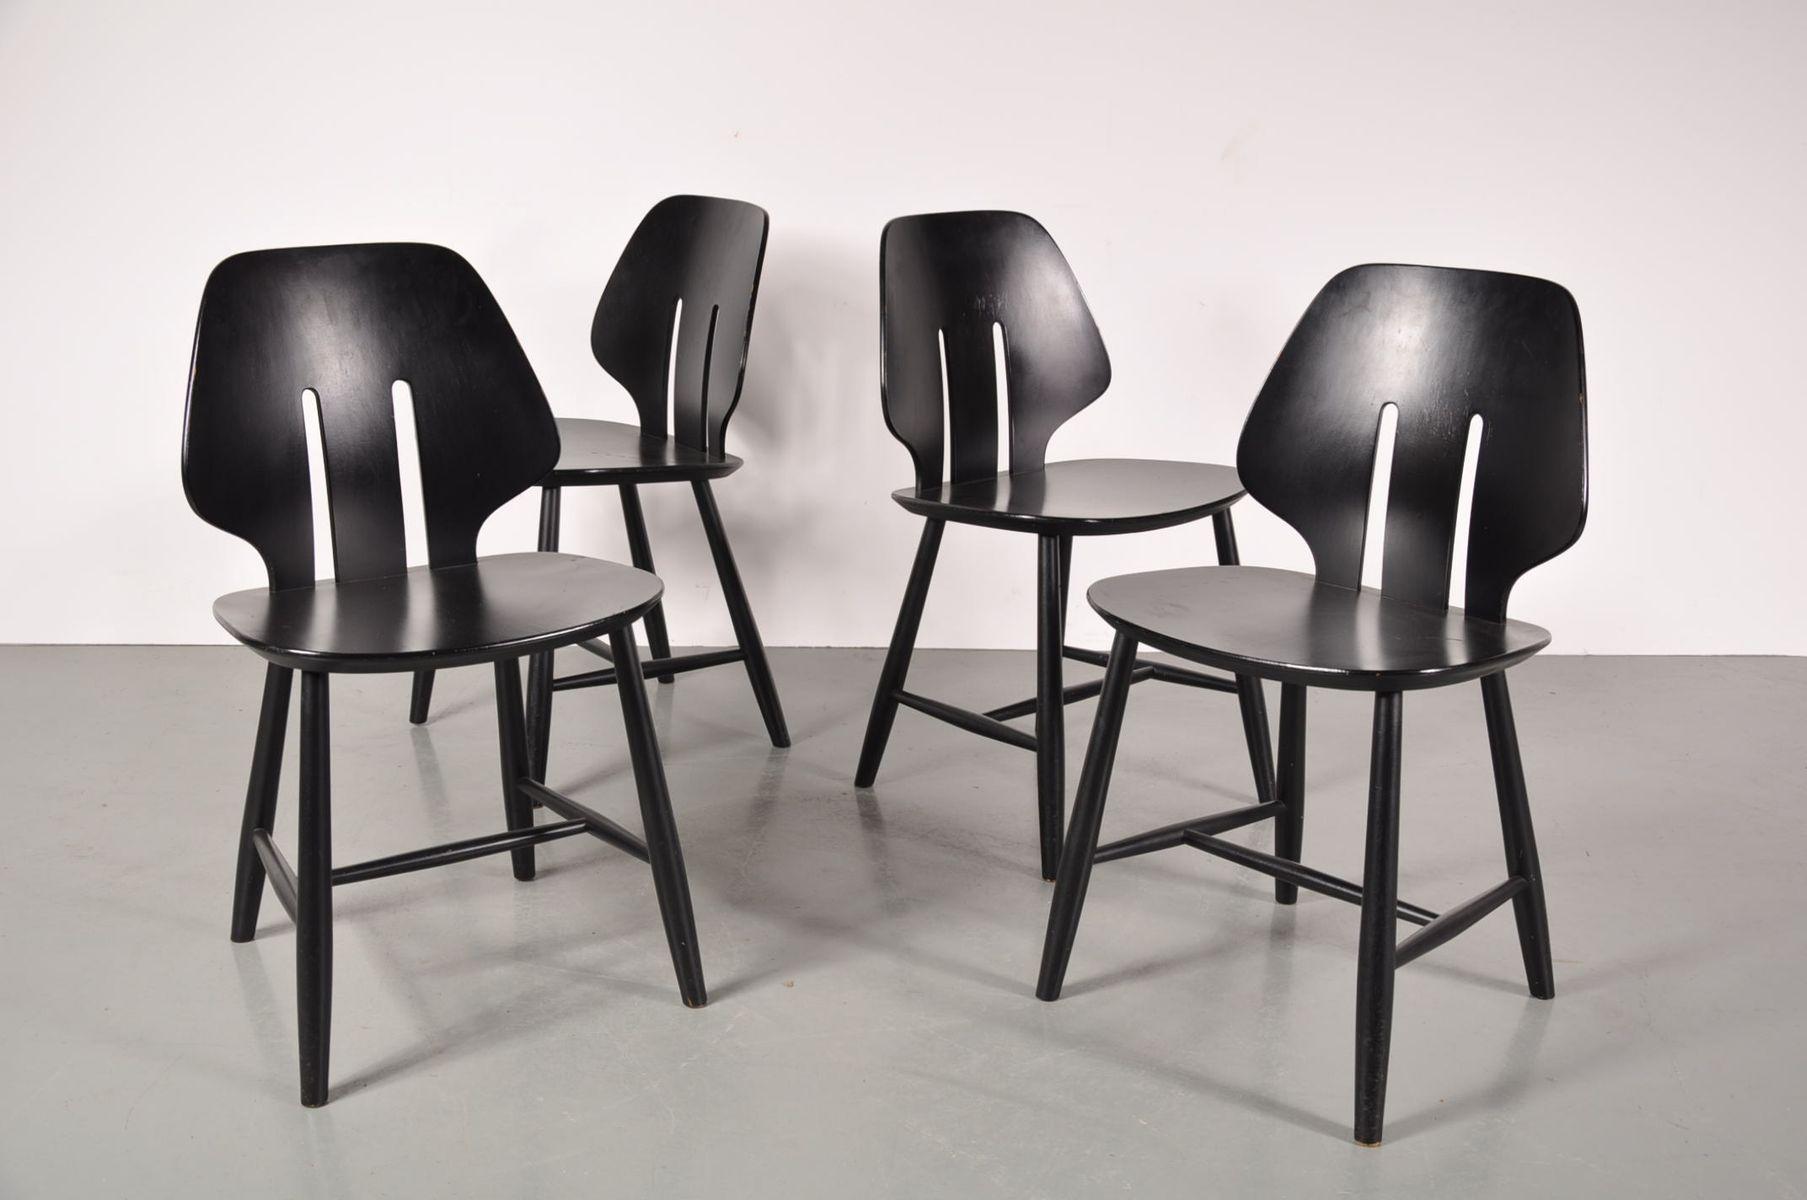 Skandinavische Esszimmerstühle Von Ejvind A Johansson Für FDB Mobler,  1950er, 4er Set